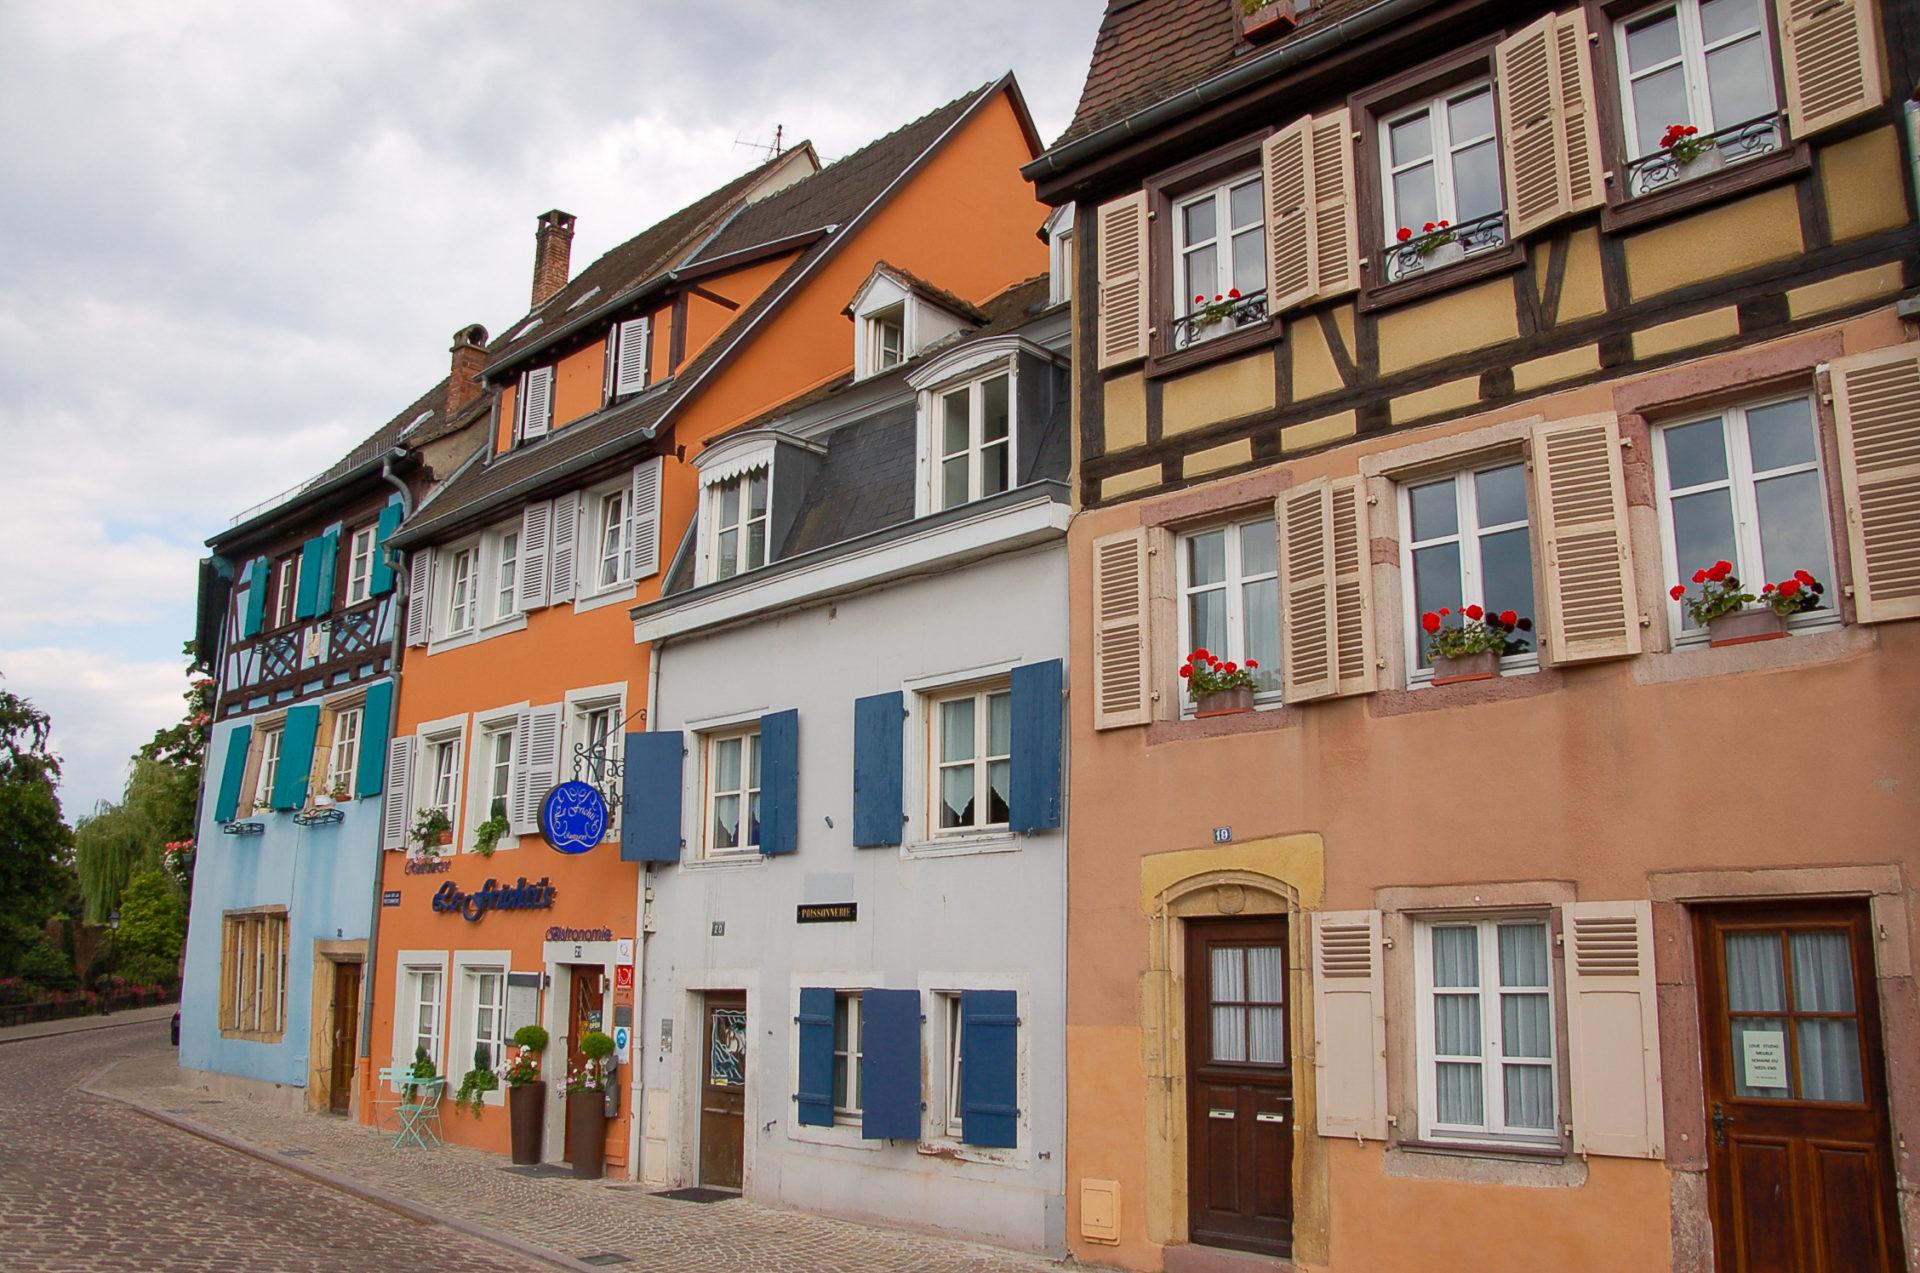 Bunte Häuserfassaden ind er Altstadt von Colmar im Elsass